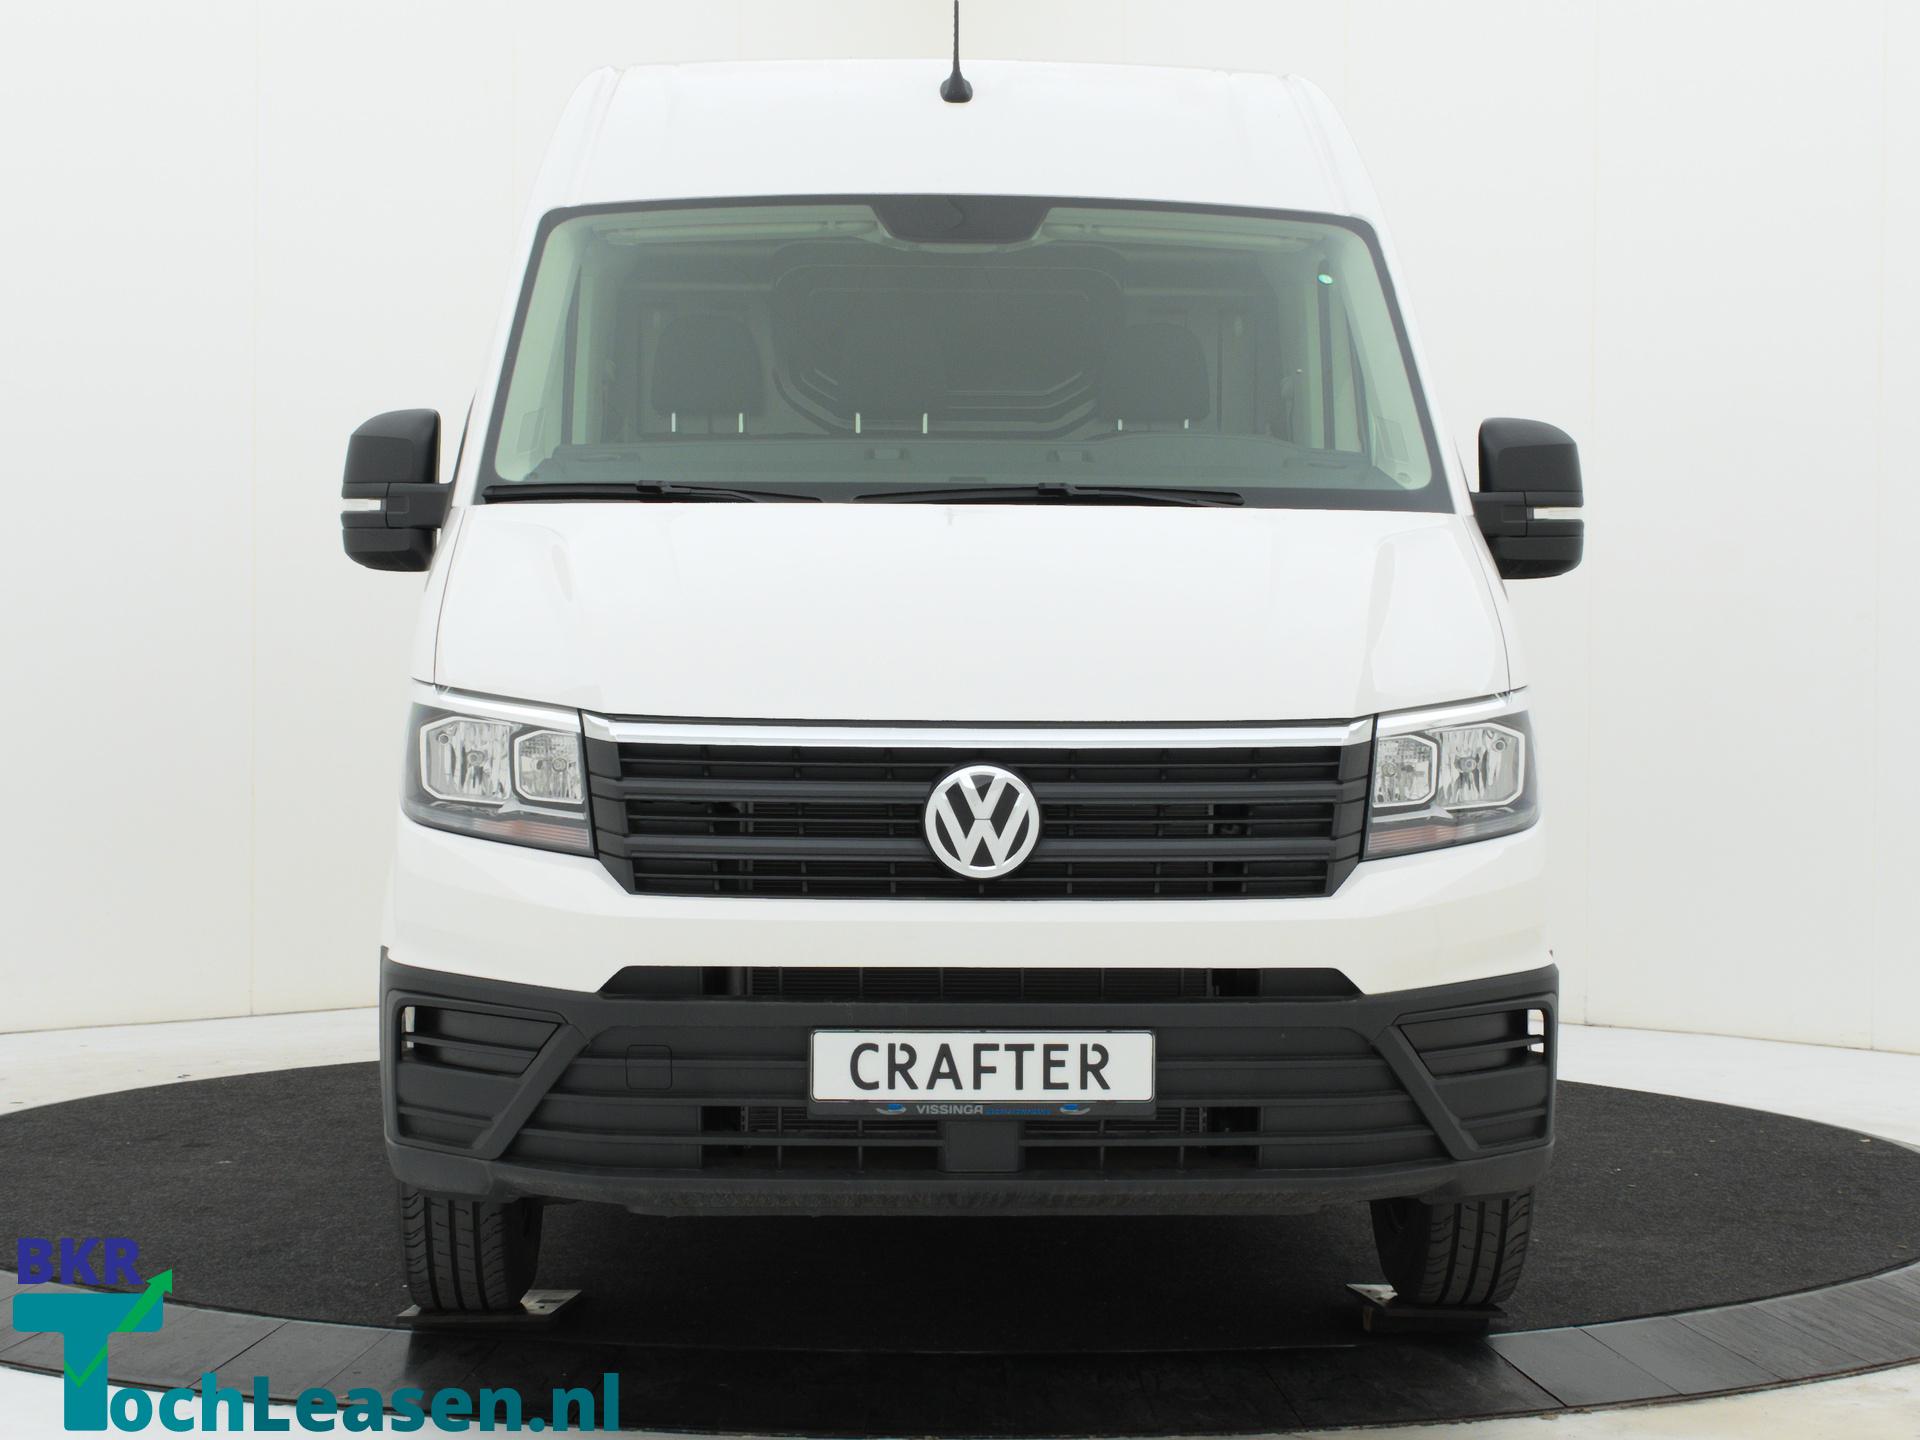 BkrTochLeasen.nl - Witte Volkswagen Crafter 10